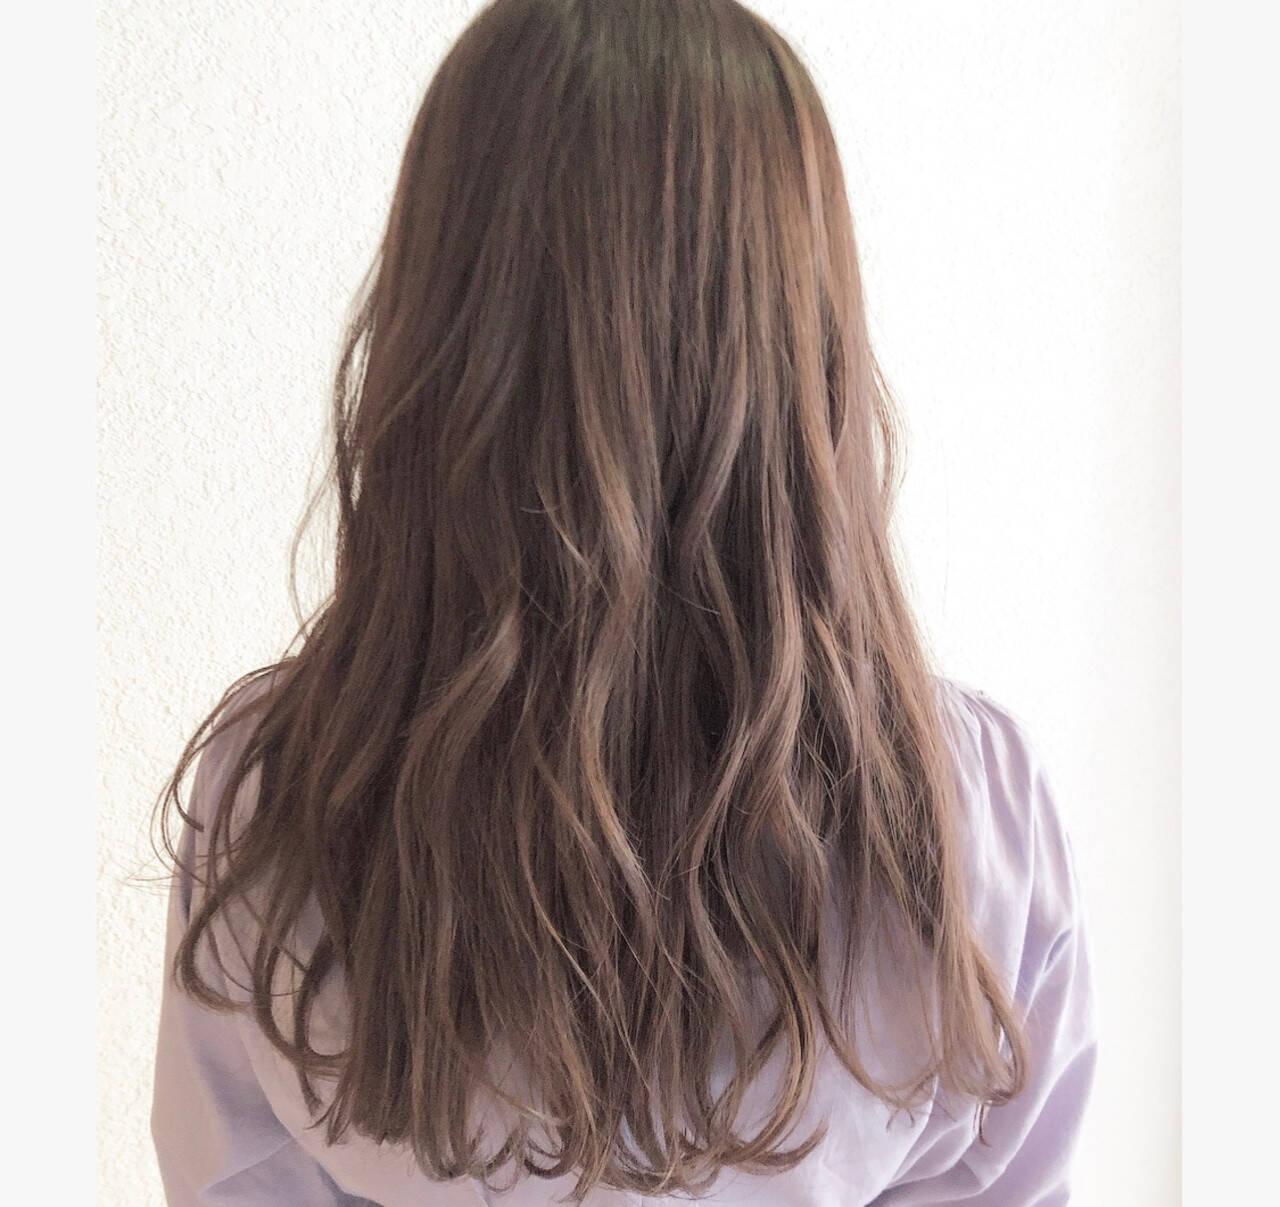 ラベンダーアッシュ ガーリー ロング デートヘアスタイルや髪型の写真・画像